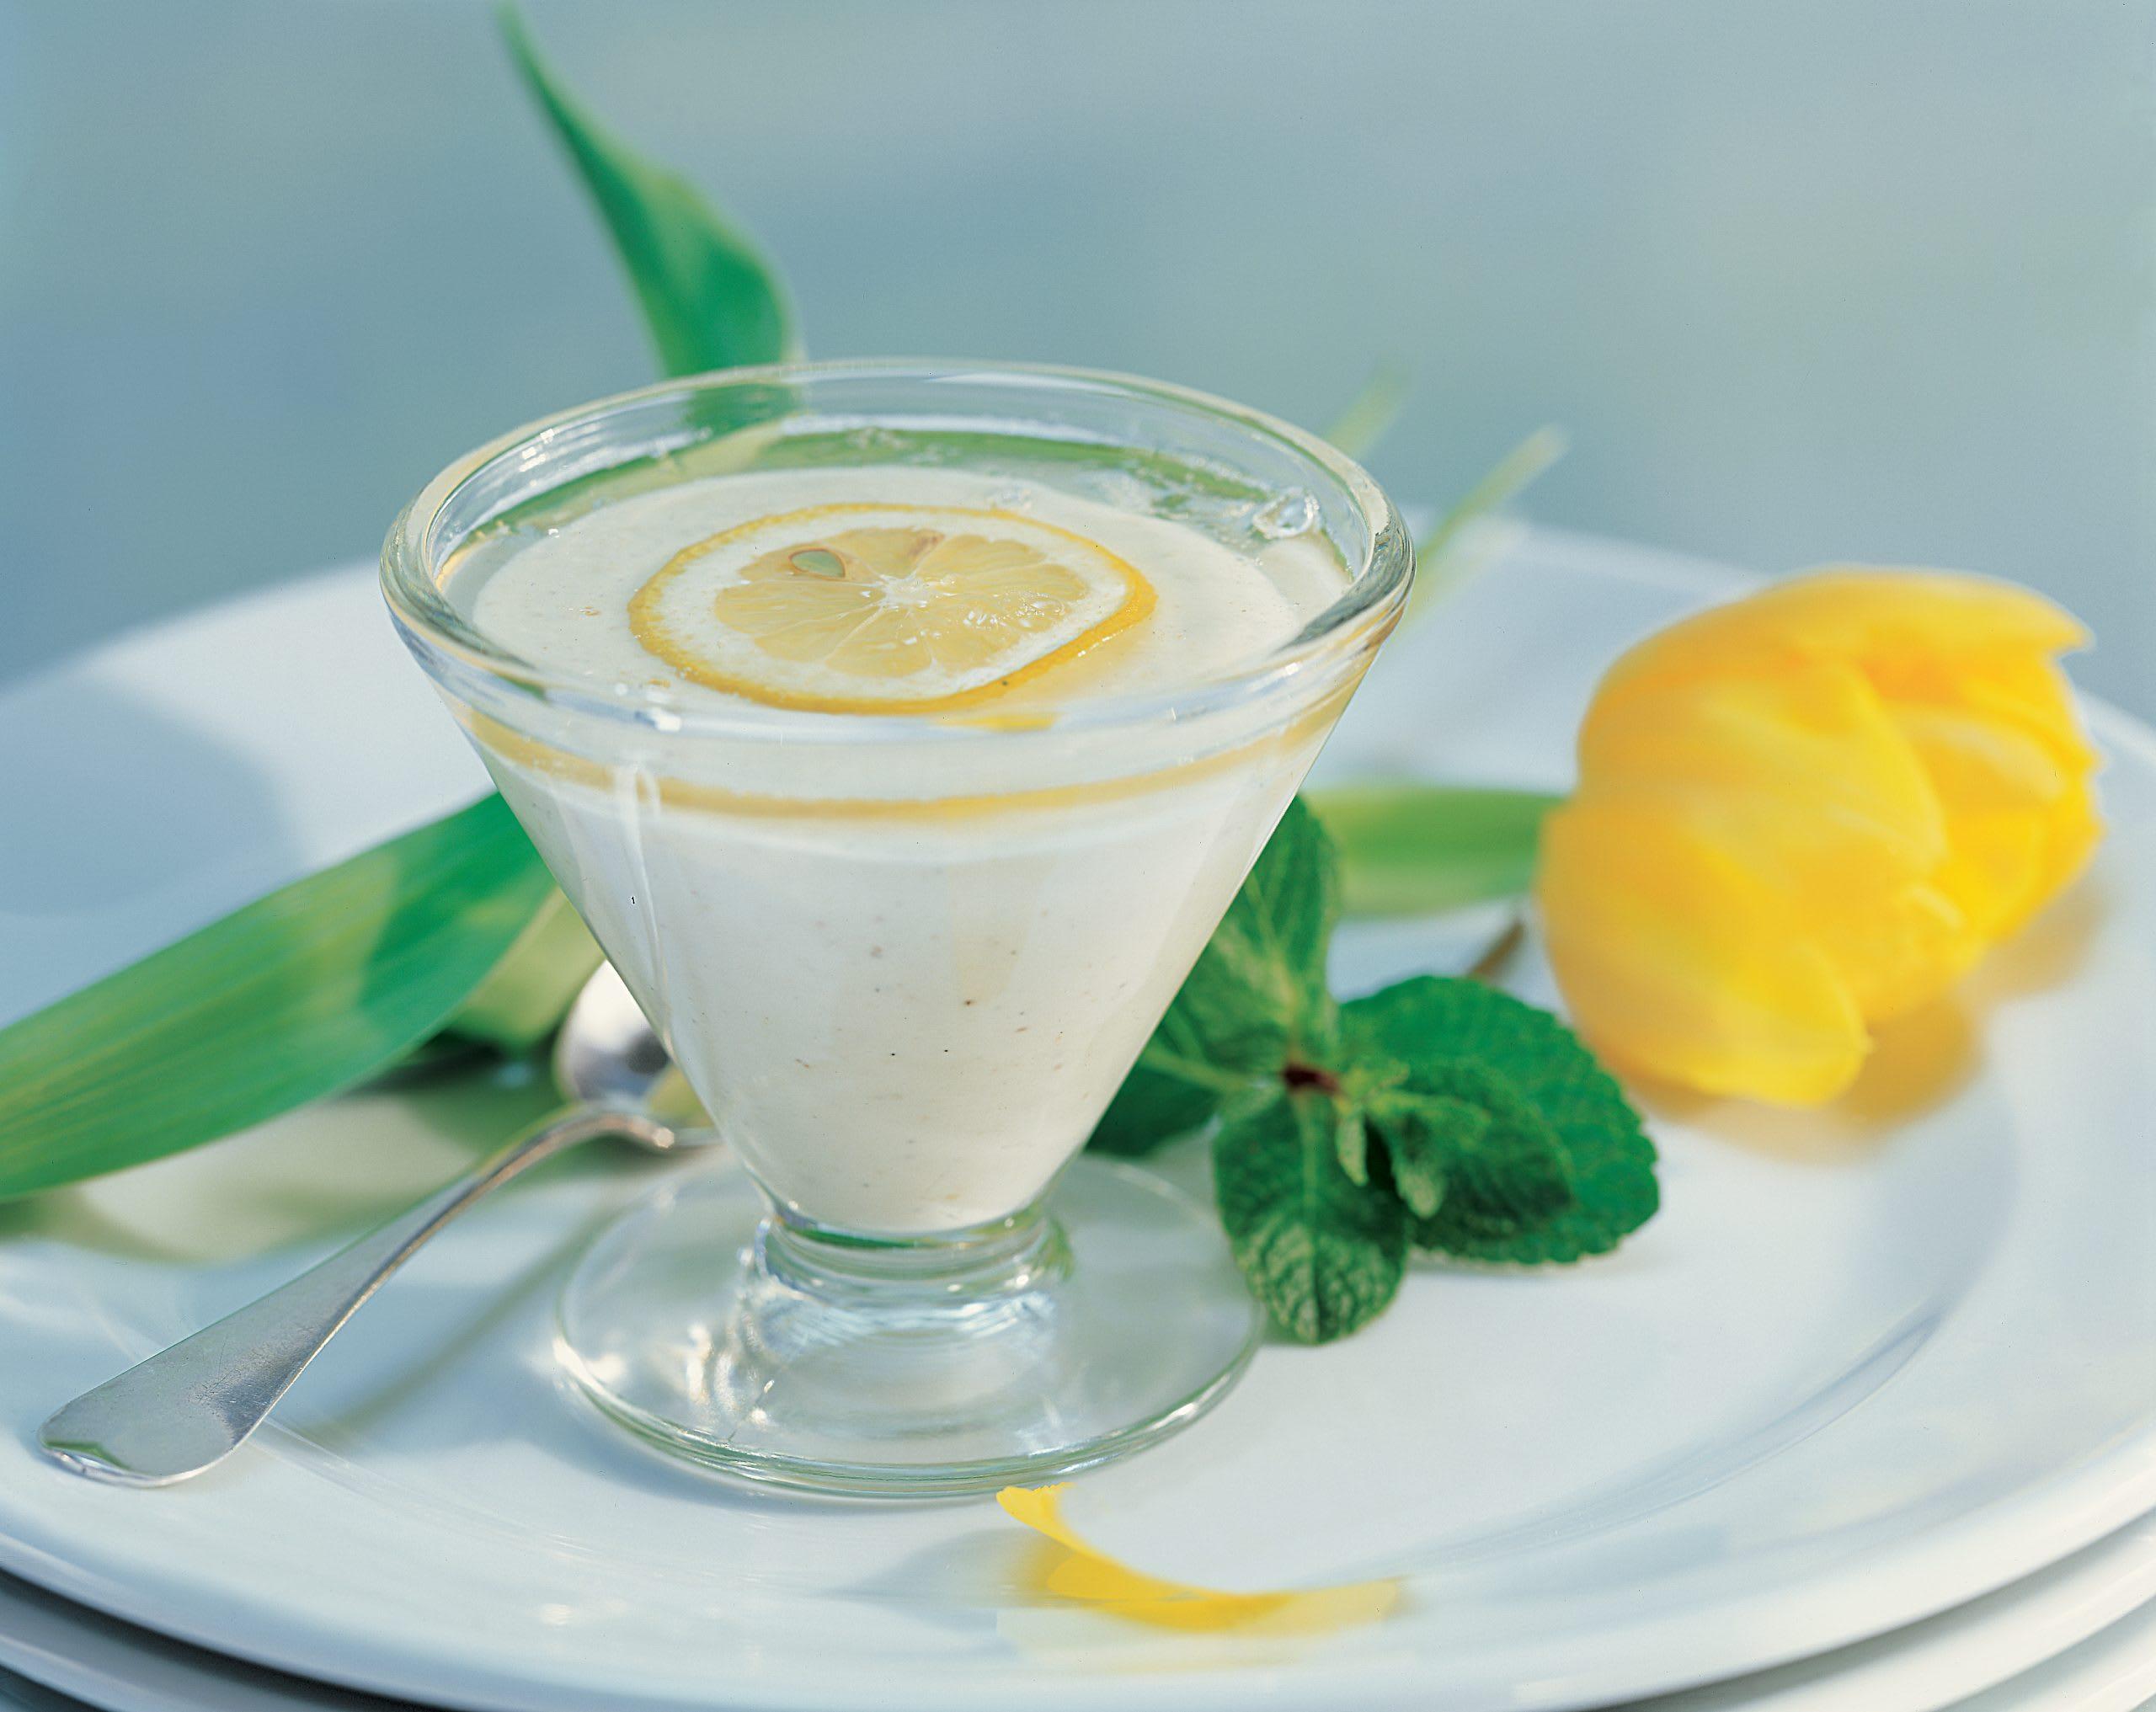 Mousse au citron et sa sauce à la menthe